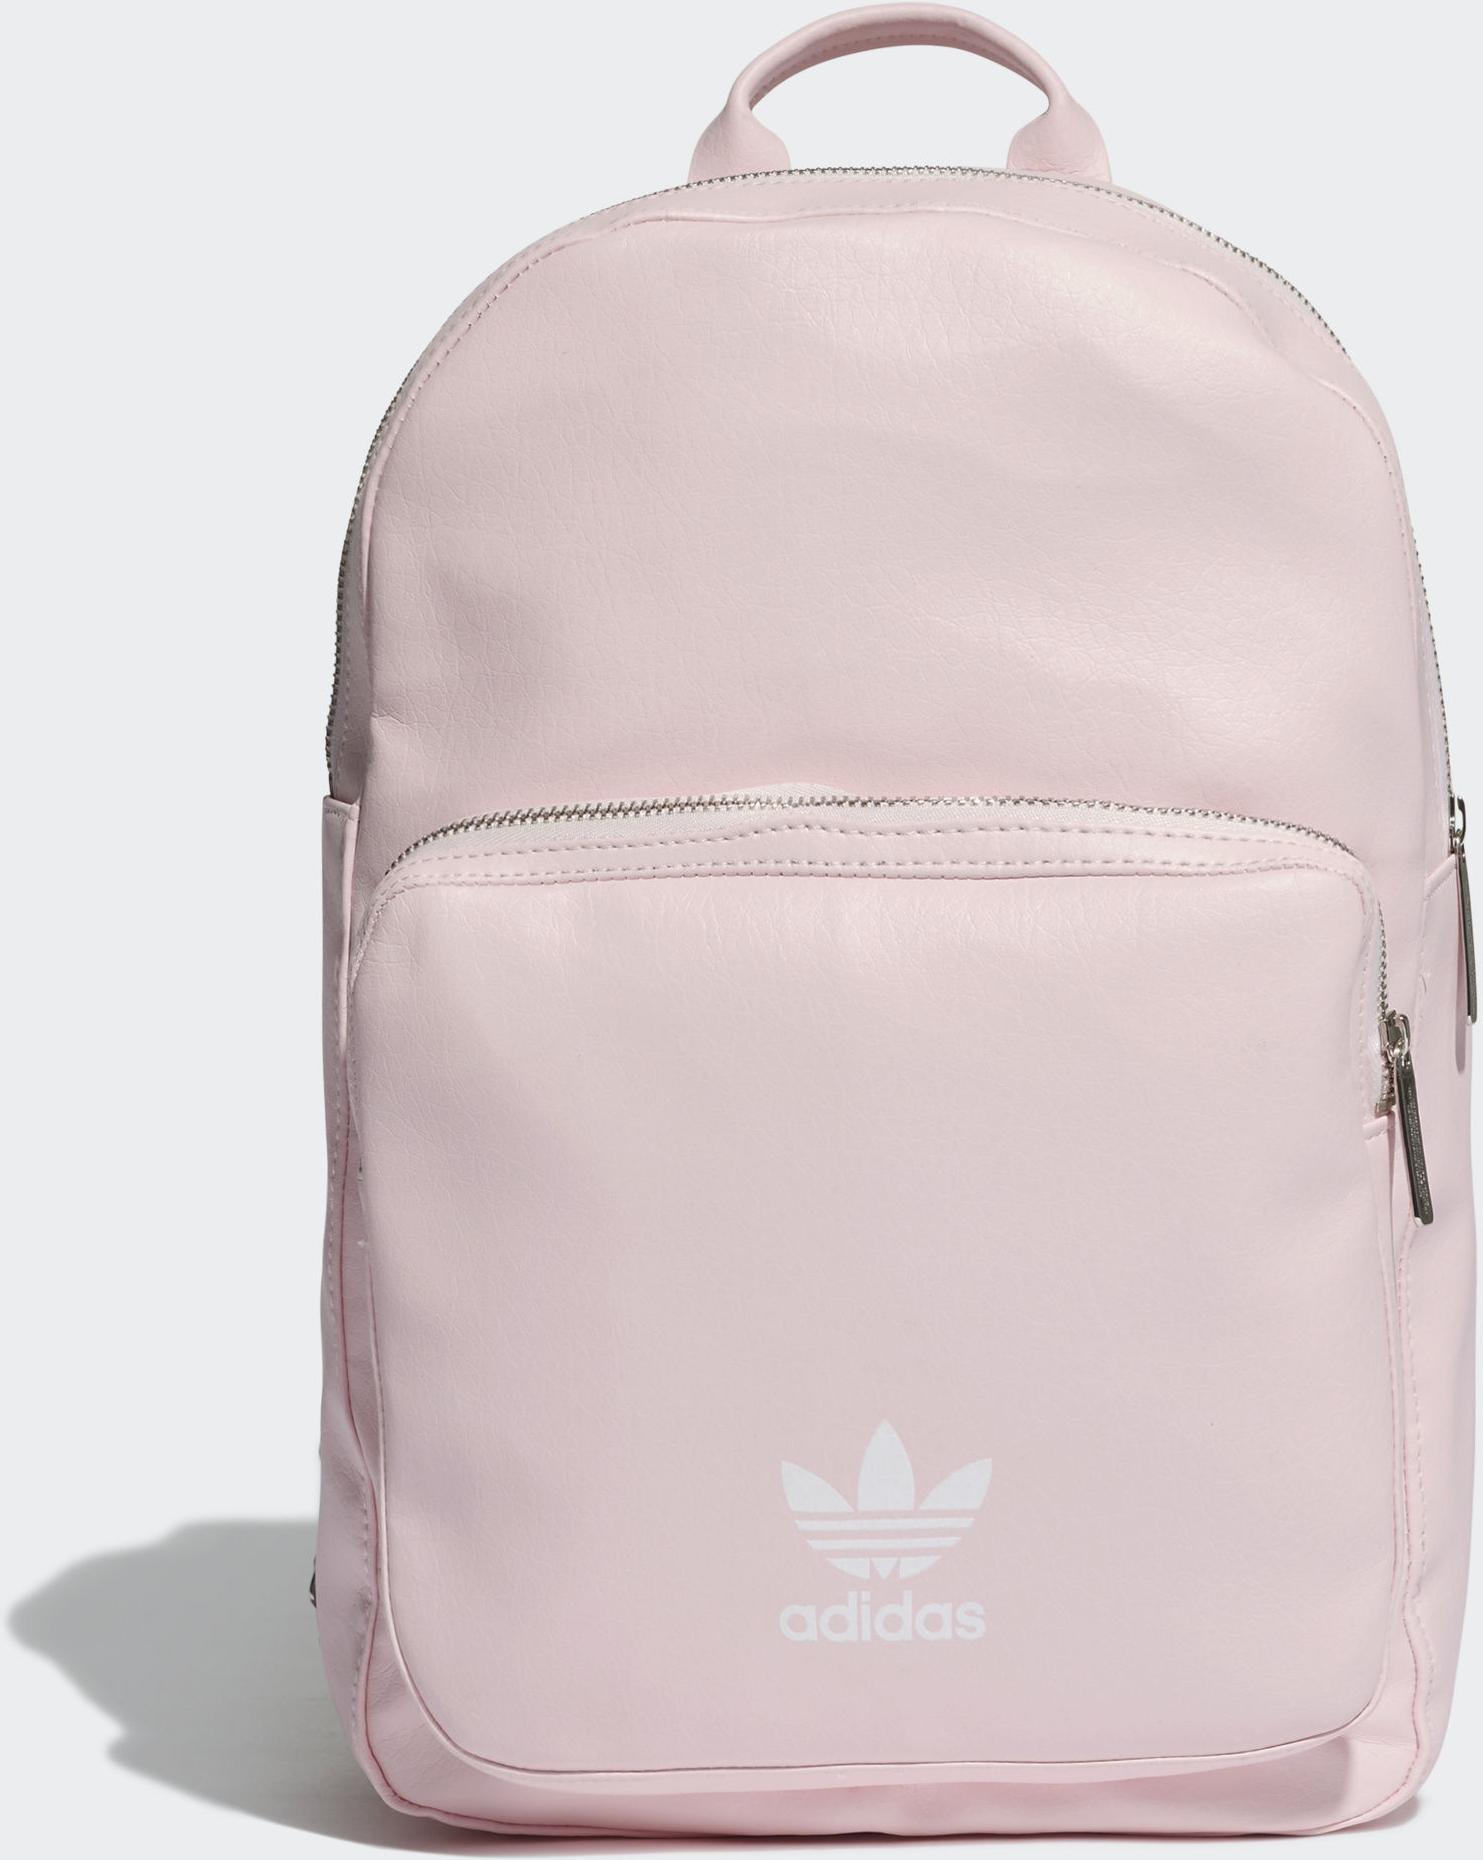 Рюкзак Adidas Bp Cl M Pu, цвет: розовый. DU6809 рюкзак спортивный adidas цвет черный cf9007